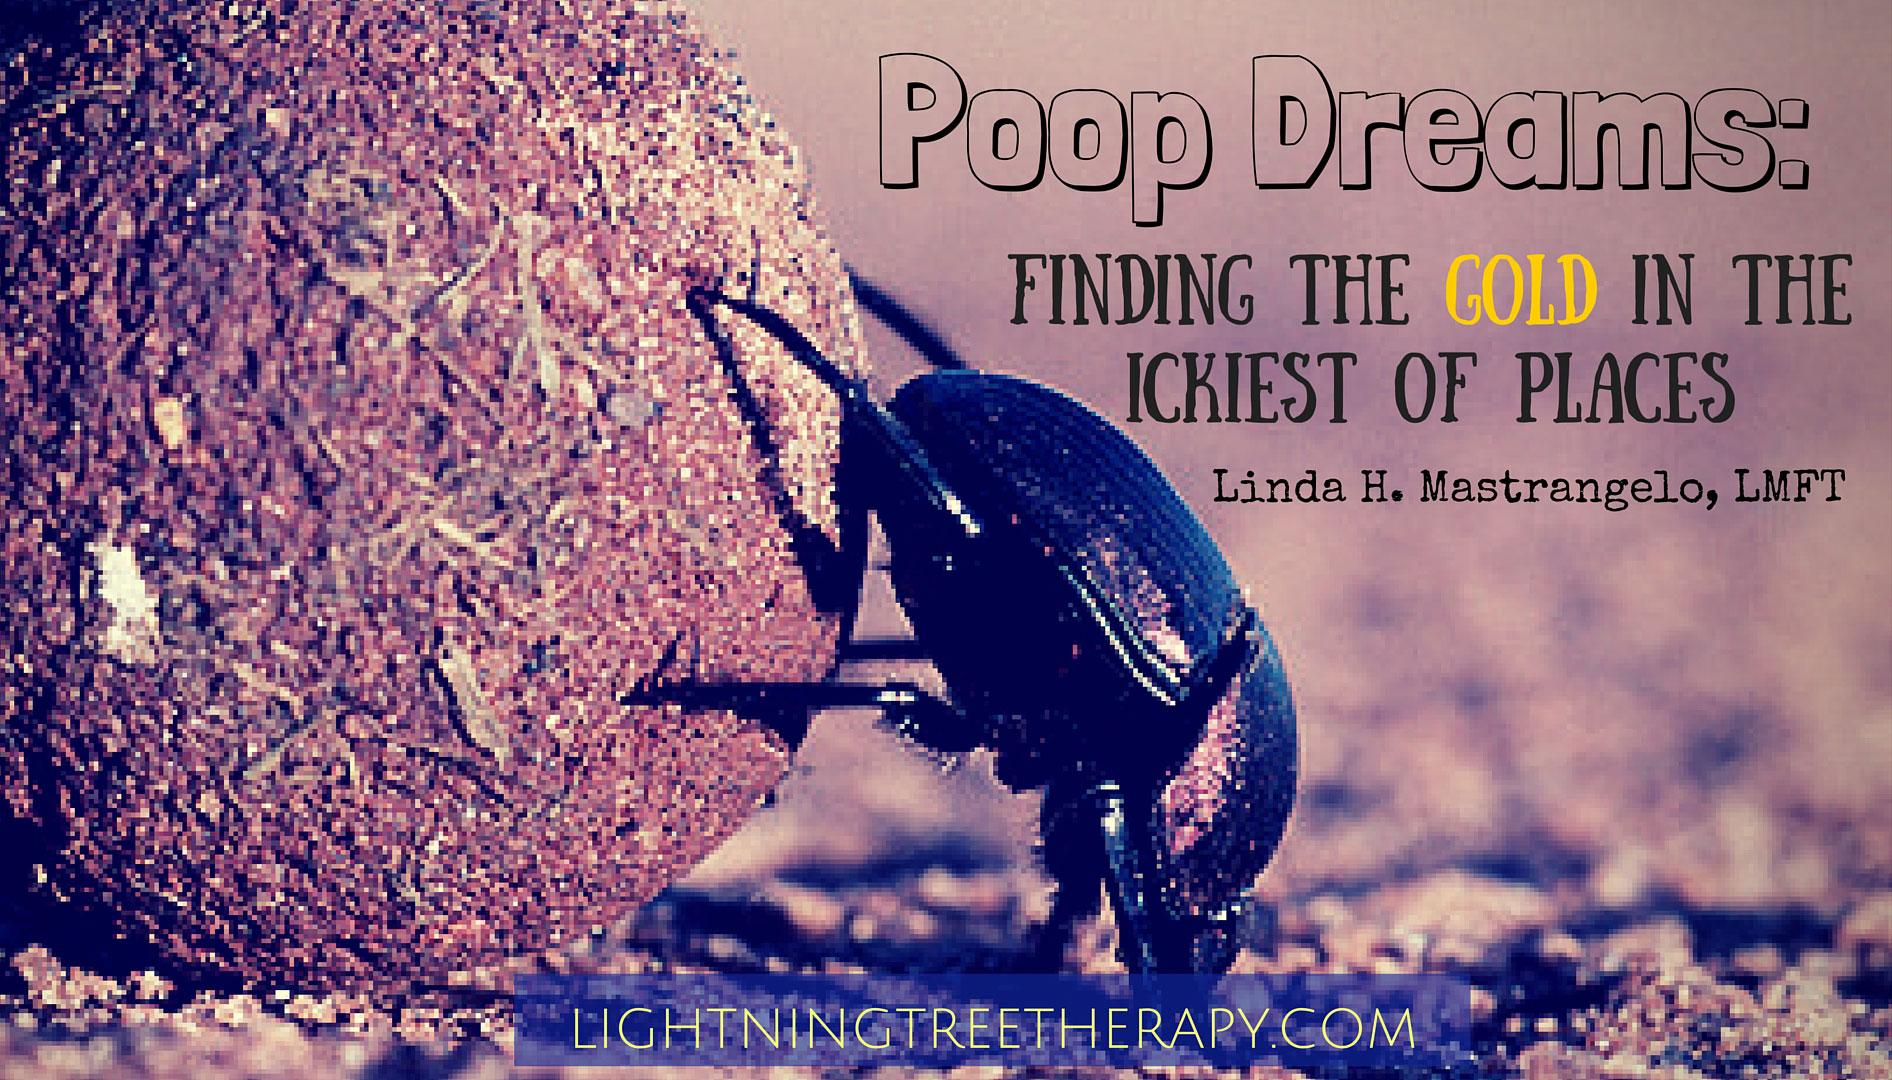 Poop-Dreams-Mastrangelo1